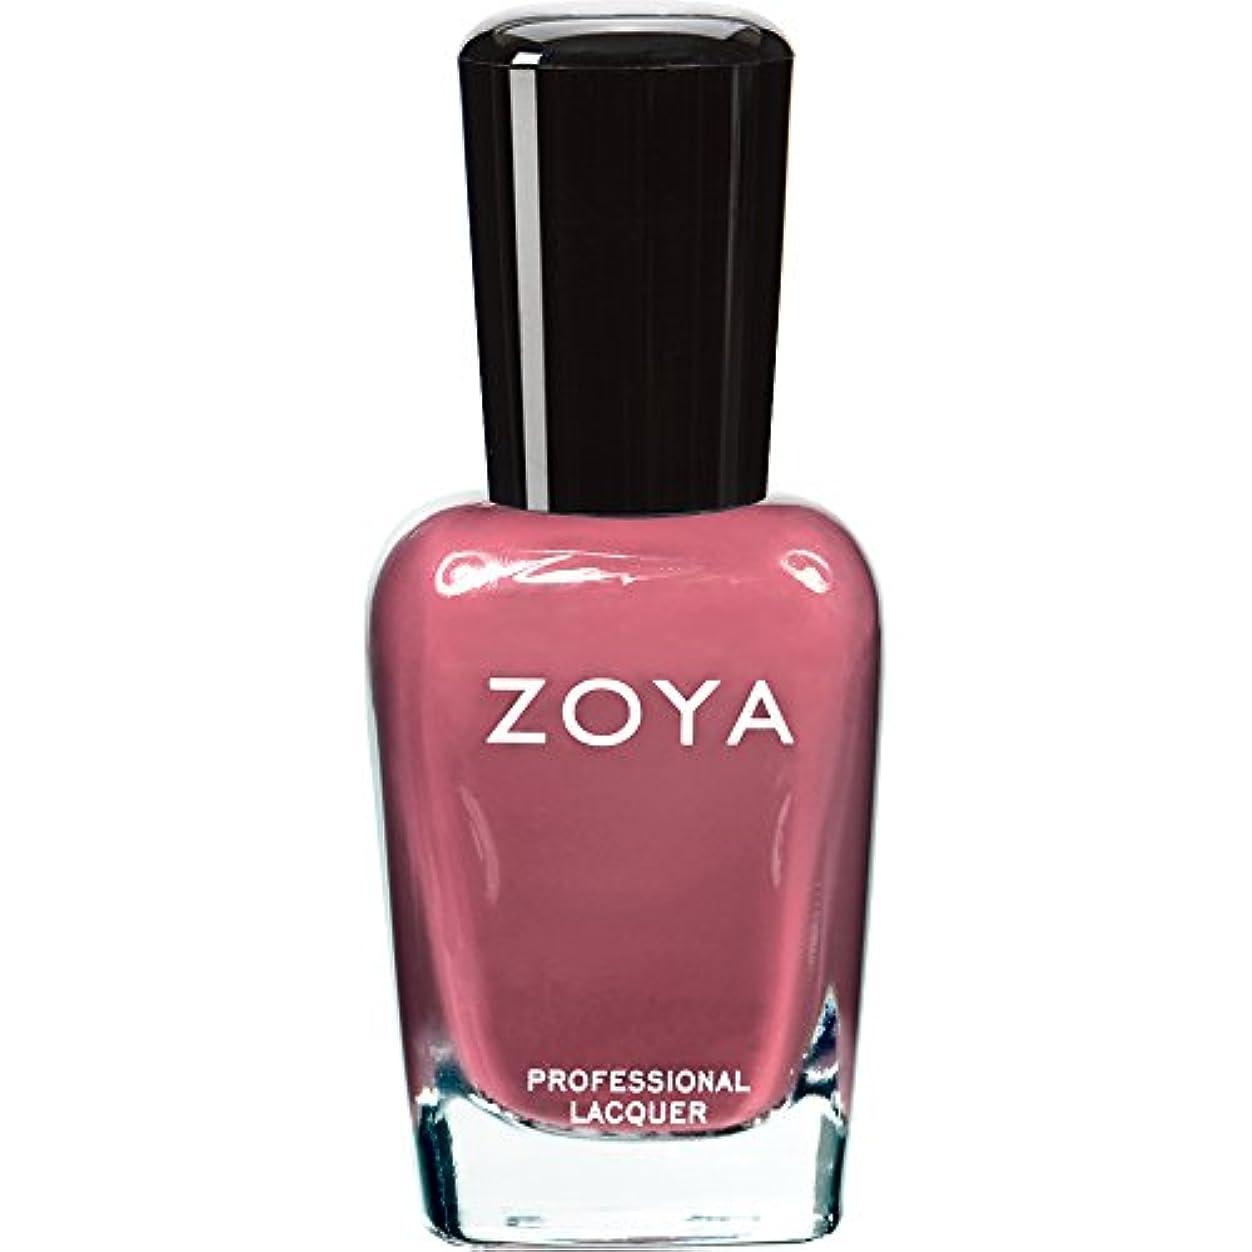 ポインタレプリカ浜辺ZOYA ゾーヤ ネイルカラー ZP422 COCO ココ 15ml なめらかな深いモーブ マット 爪にやさしいネイルラッカーマニキュア